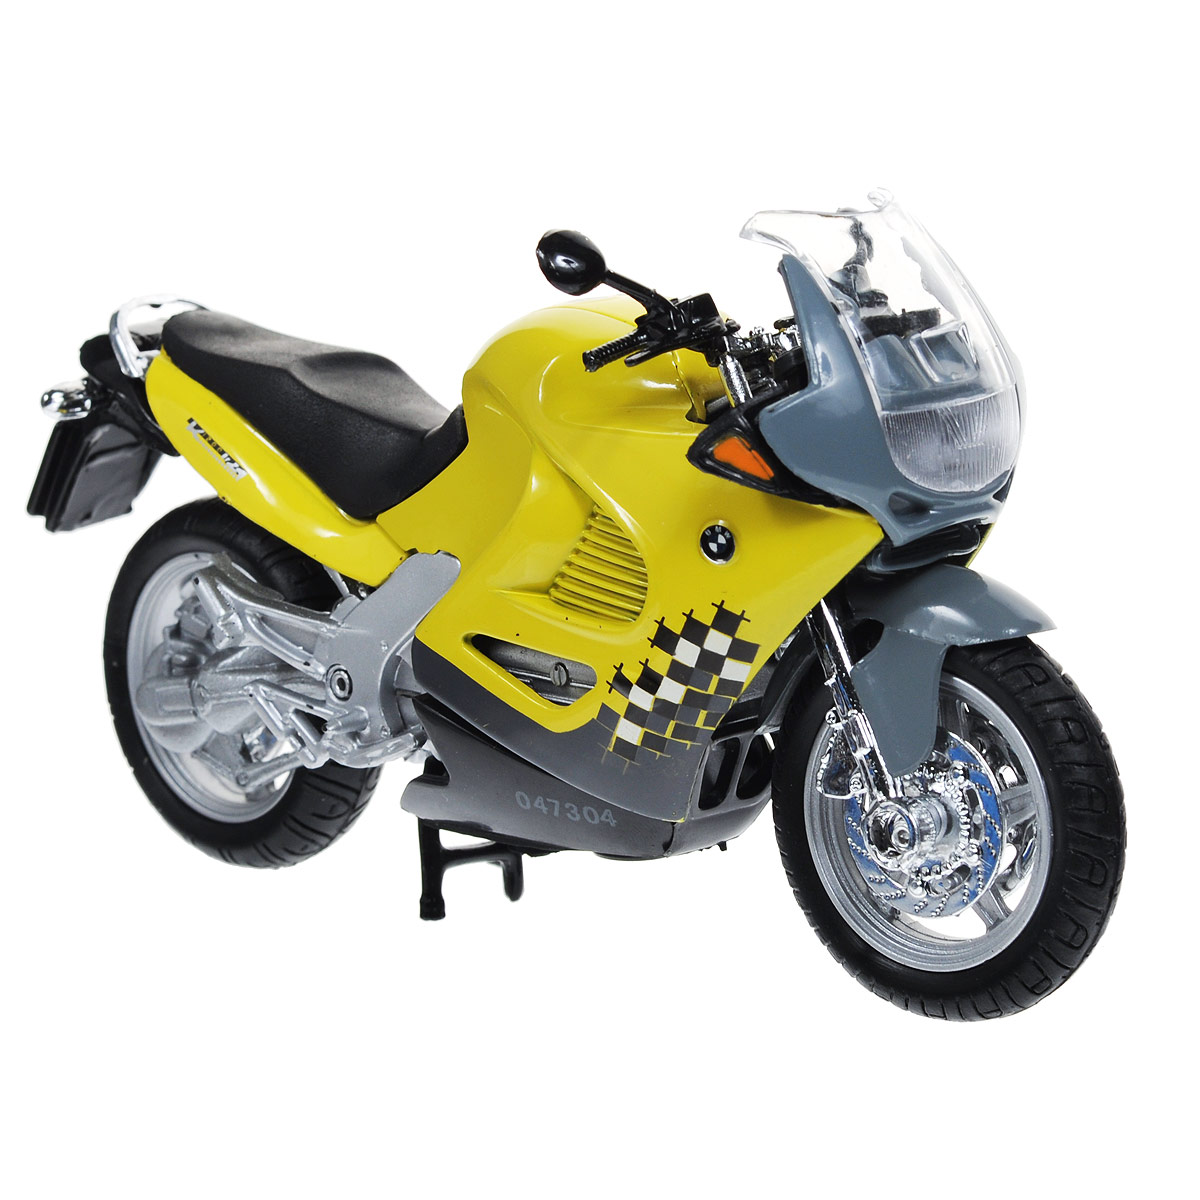 Autotime Коллекционная модель мотоцикла BMW K1200RS, цвет: желтый, серый. Масштаб 1/18 autotime модель автомобиля uaz 39625 гражданская